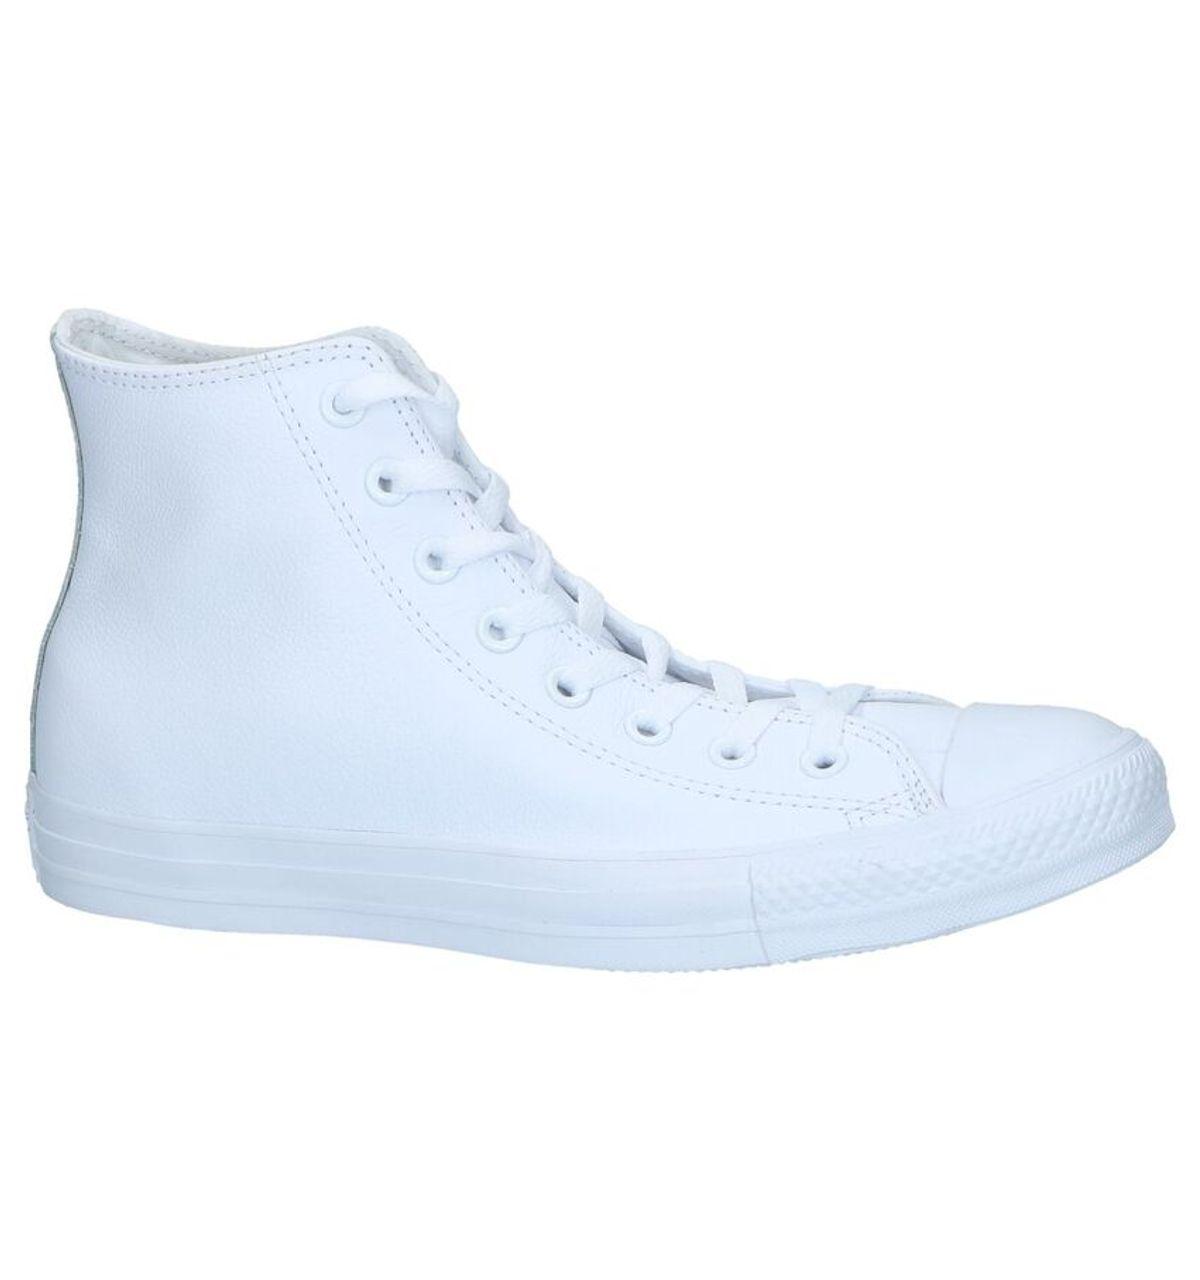 7636ac08055 Converse Witte Lederen Sneakers CT All Star Hi - Vergelijk prijzen